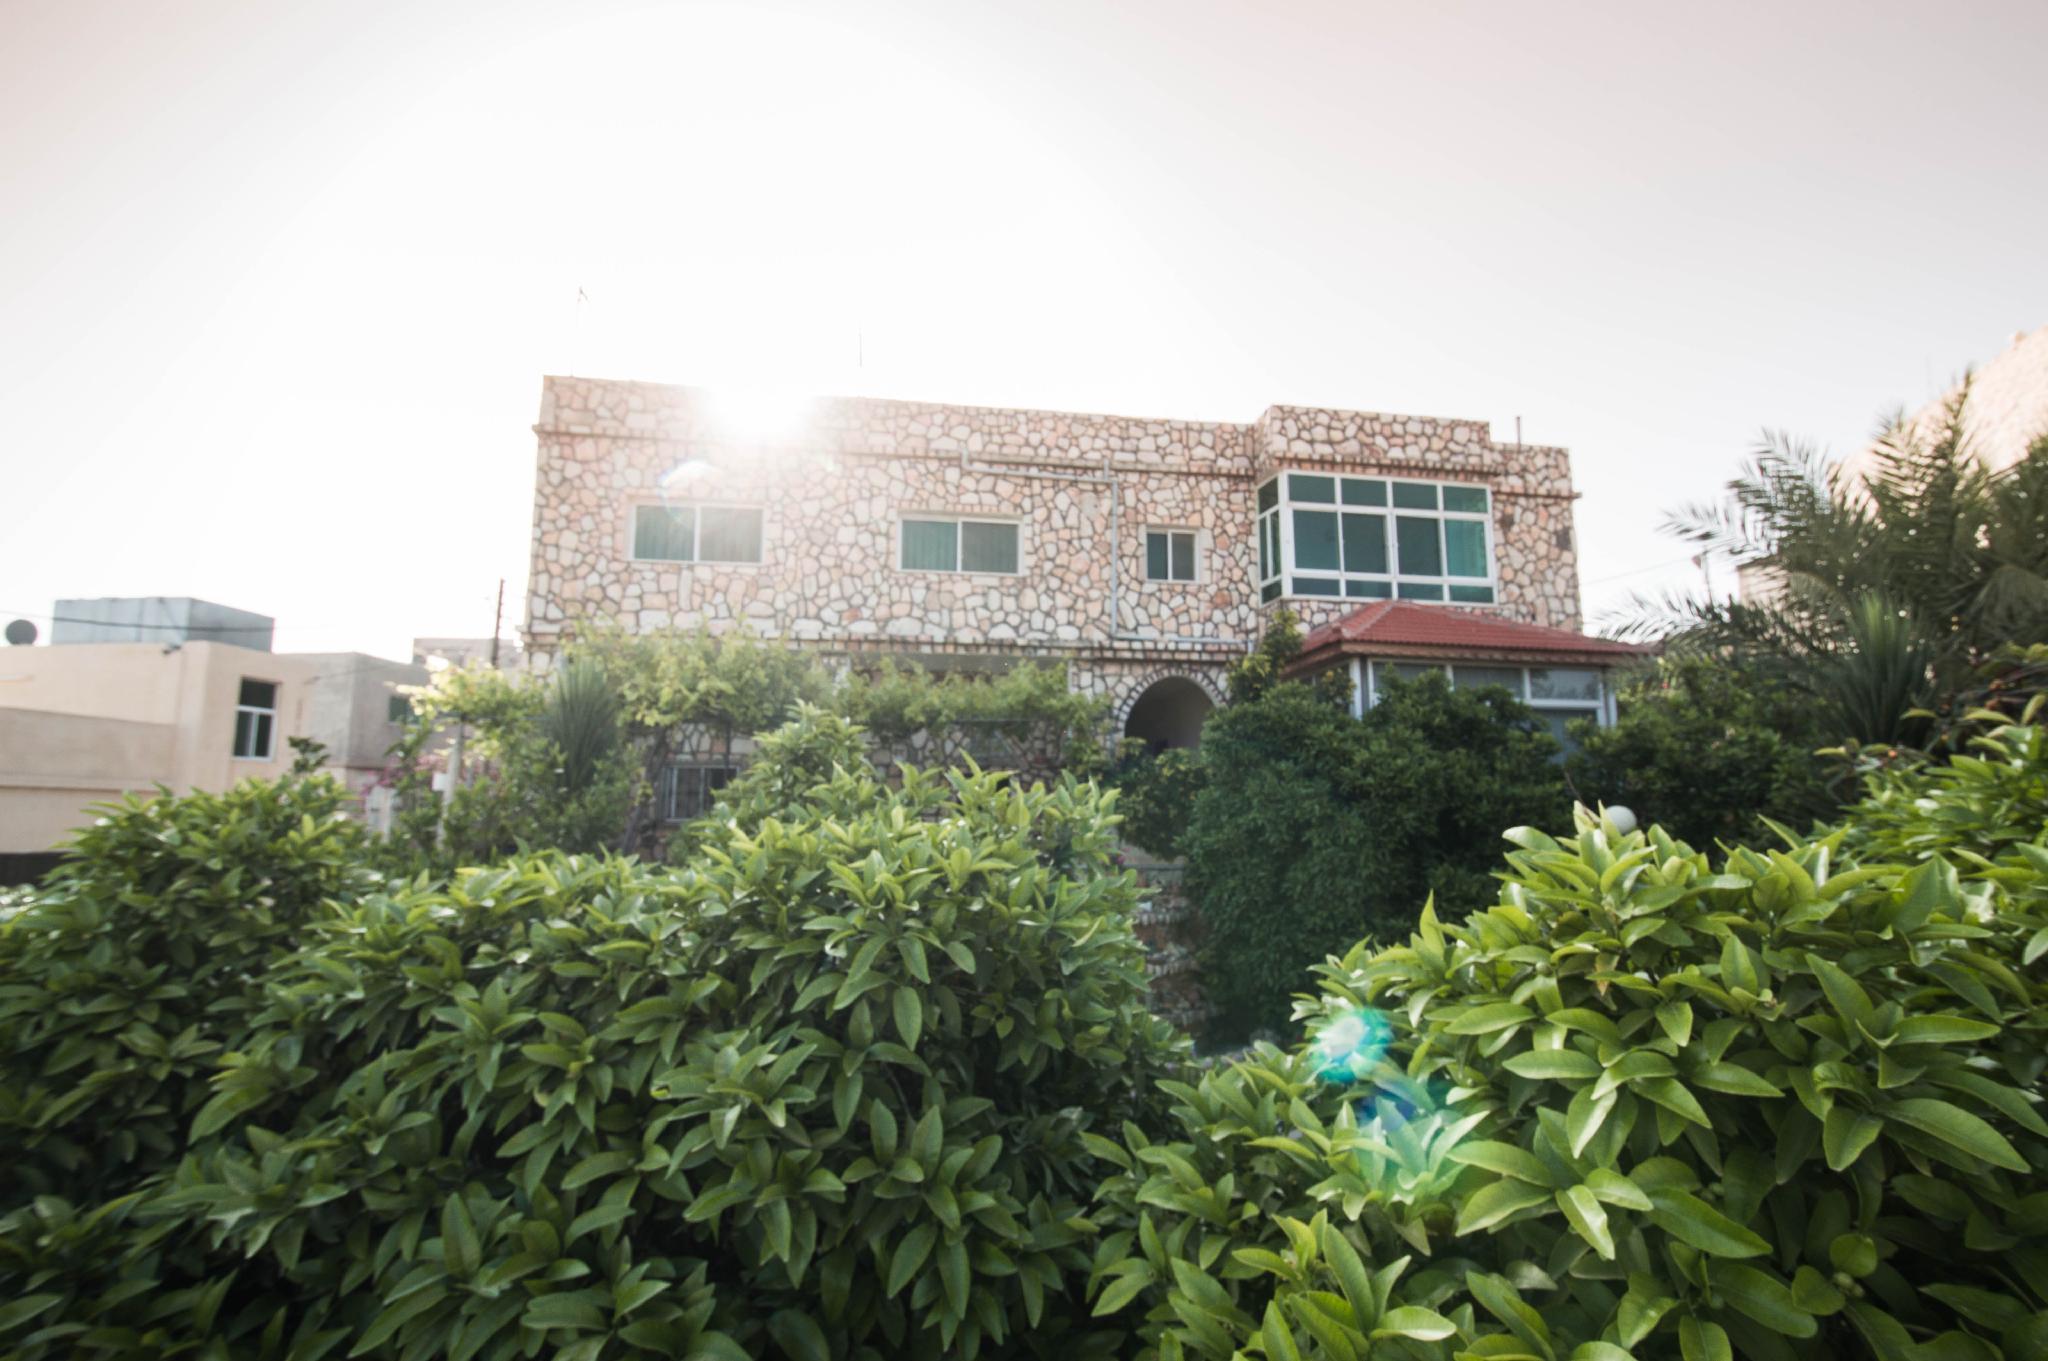 Beit Al Baraka  House Of Blessings